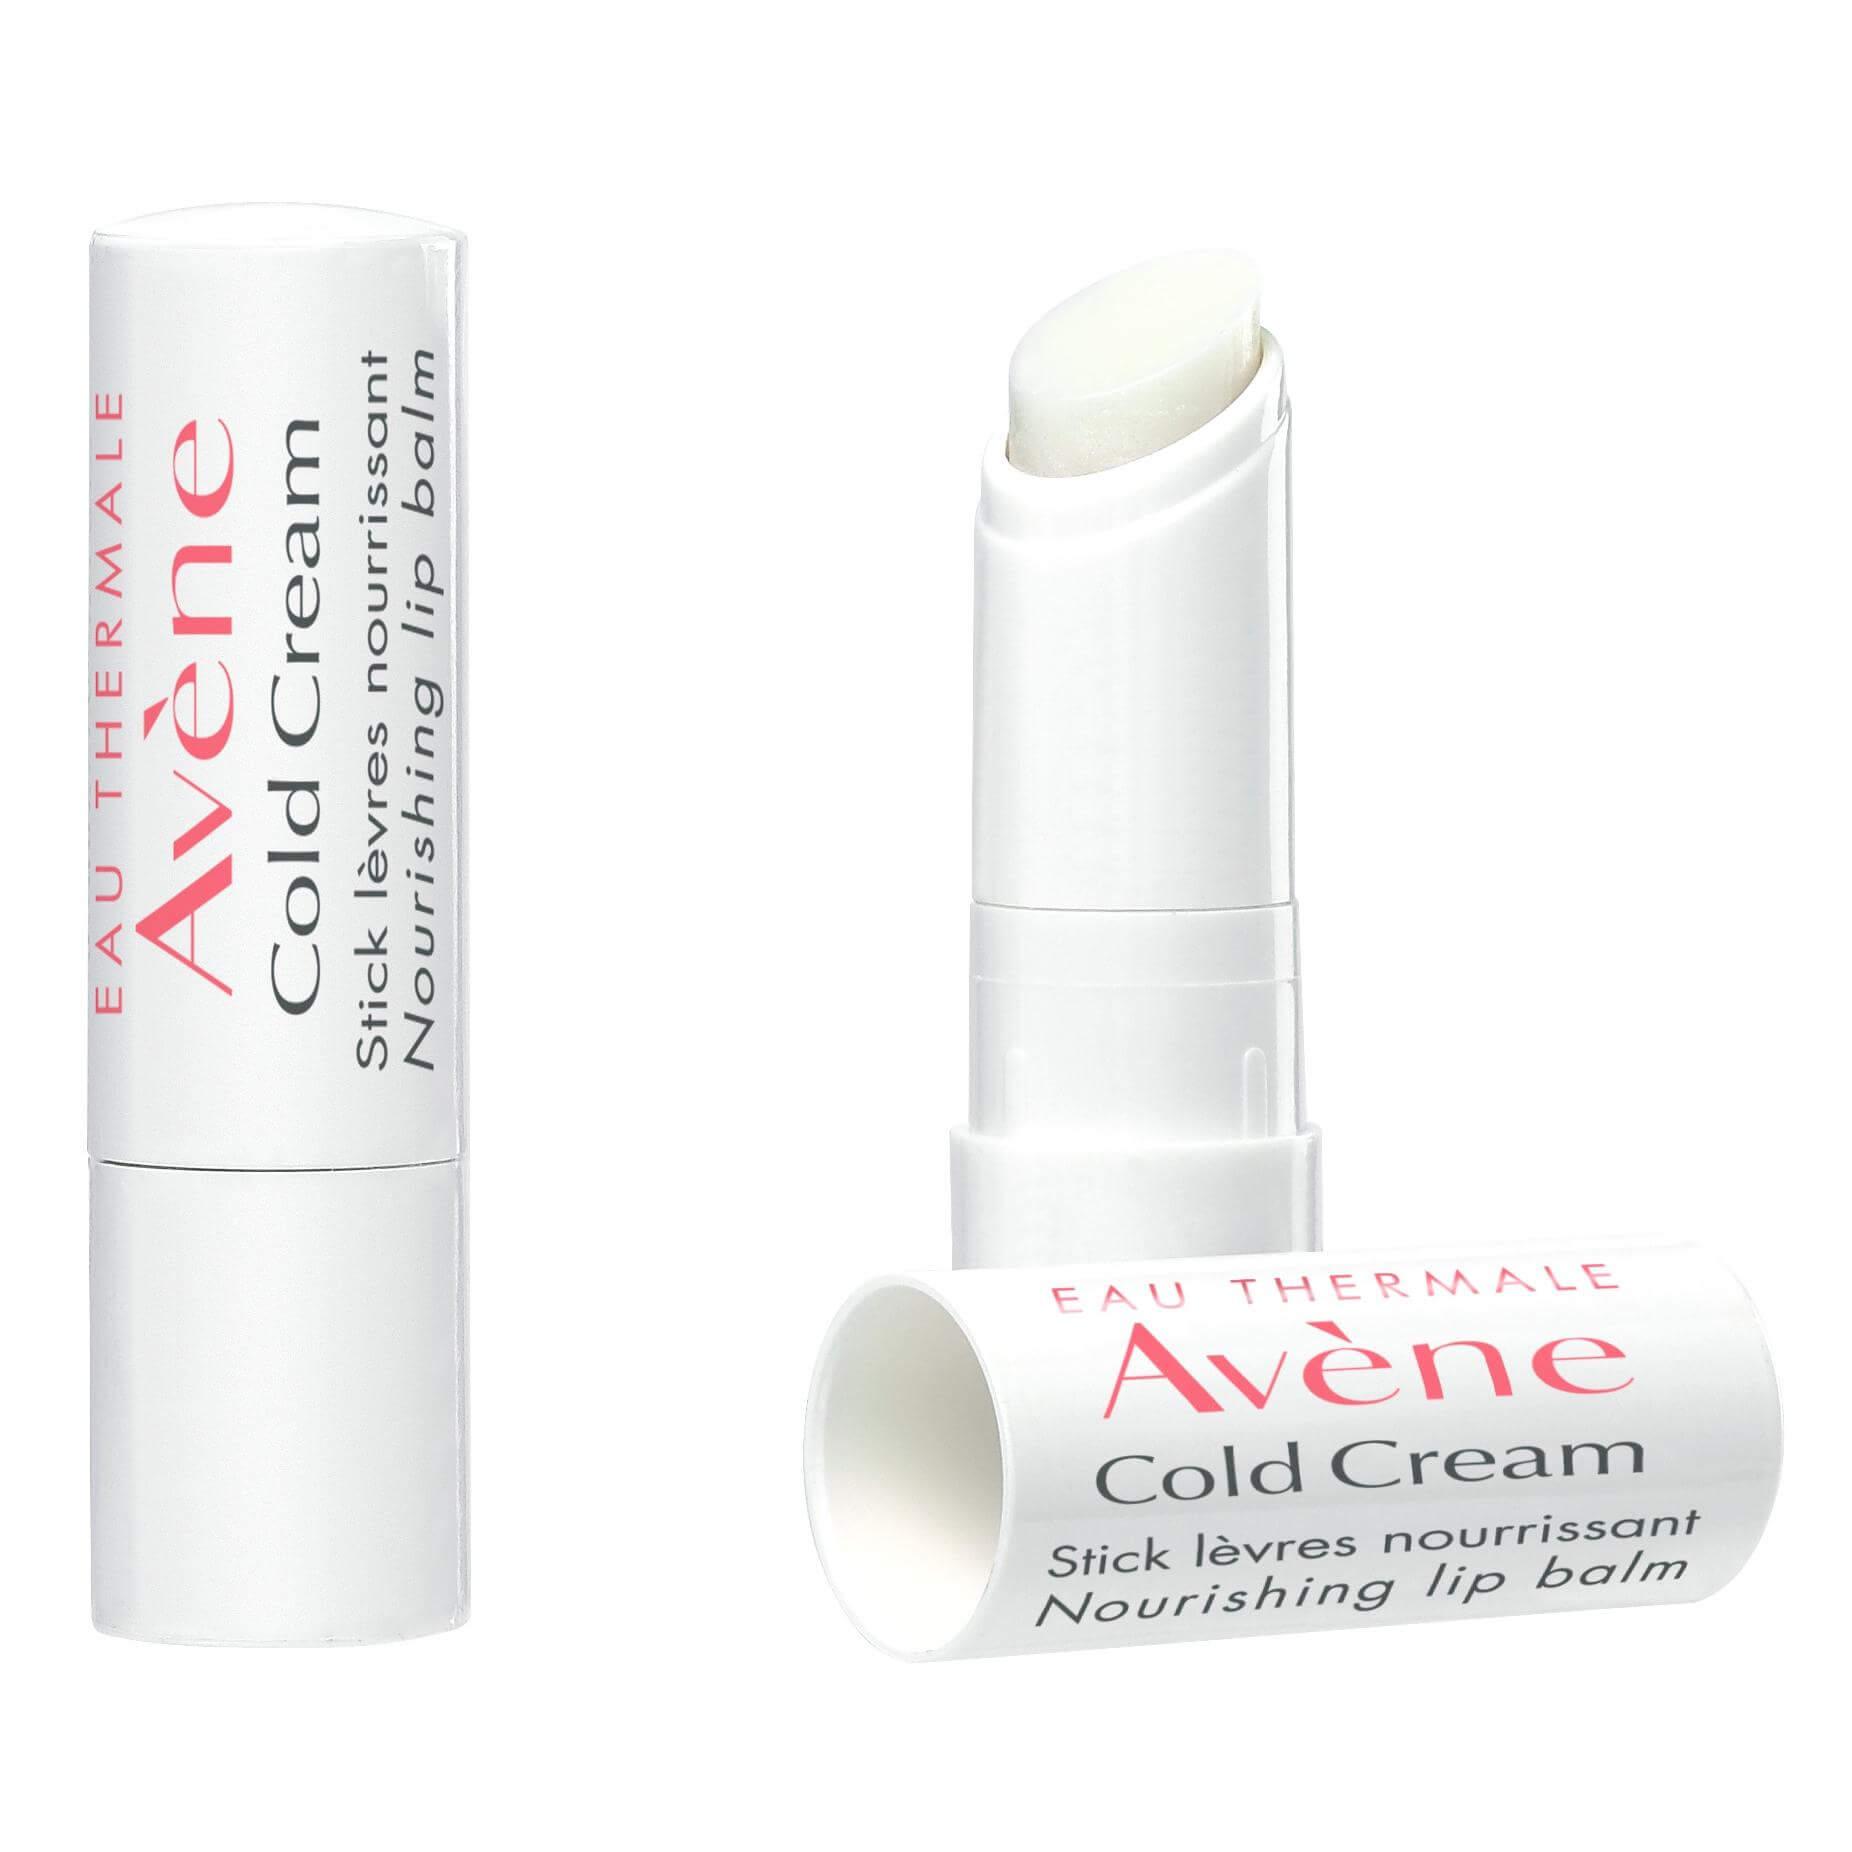 Avene Cold Cream Stick Levres Nourrisant για Ξηρά& Ταλαιπωρημένα Χείλη4g